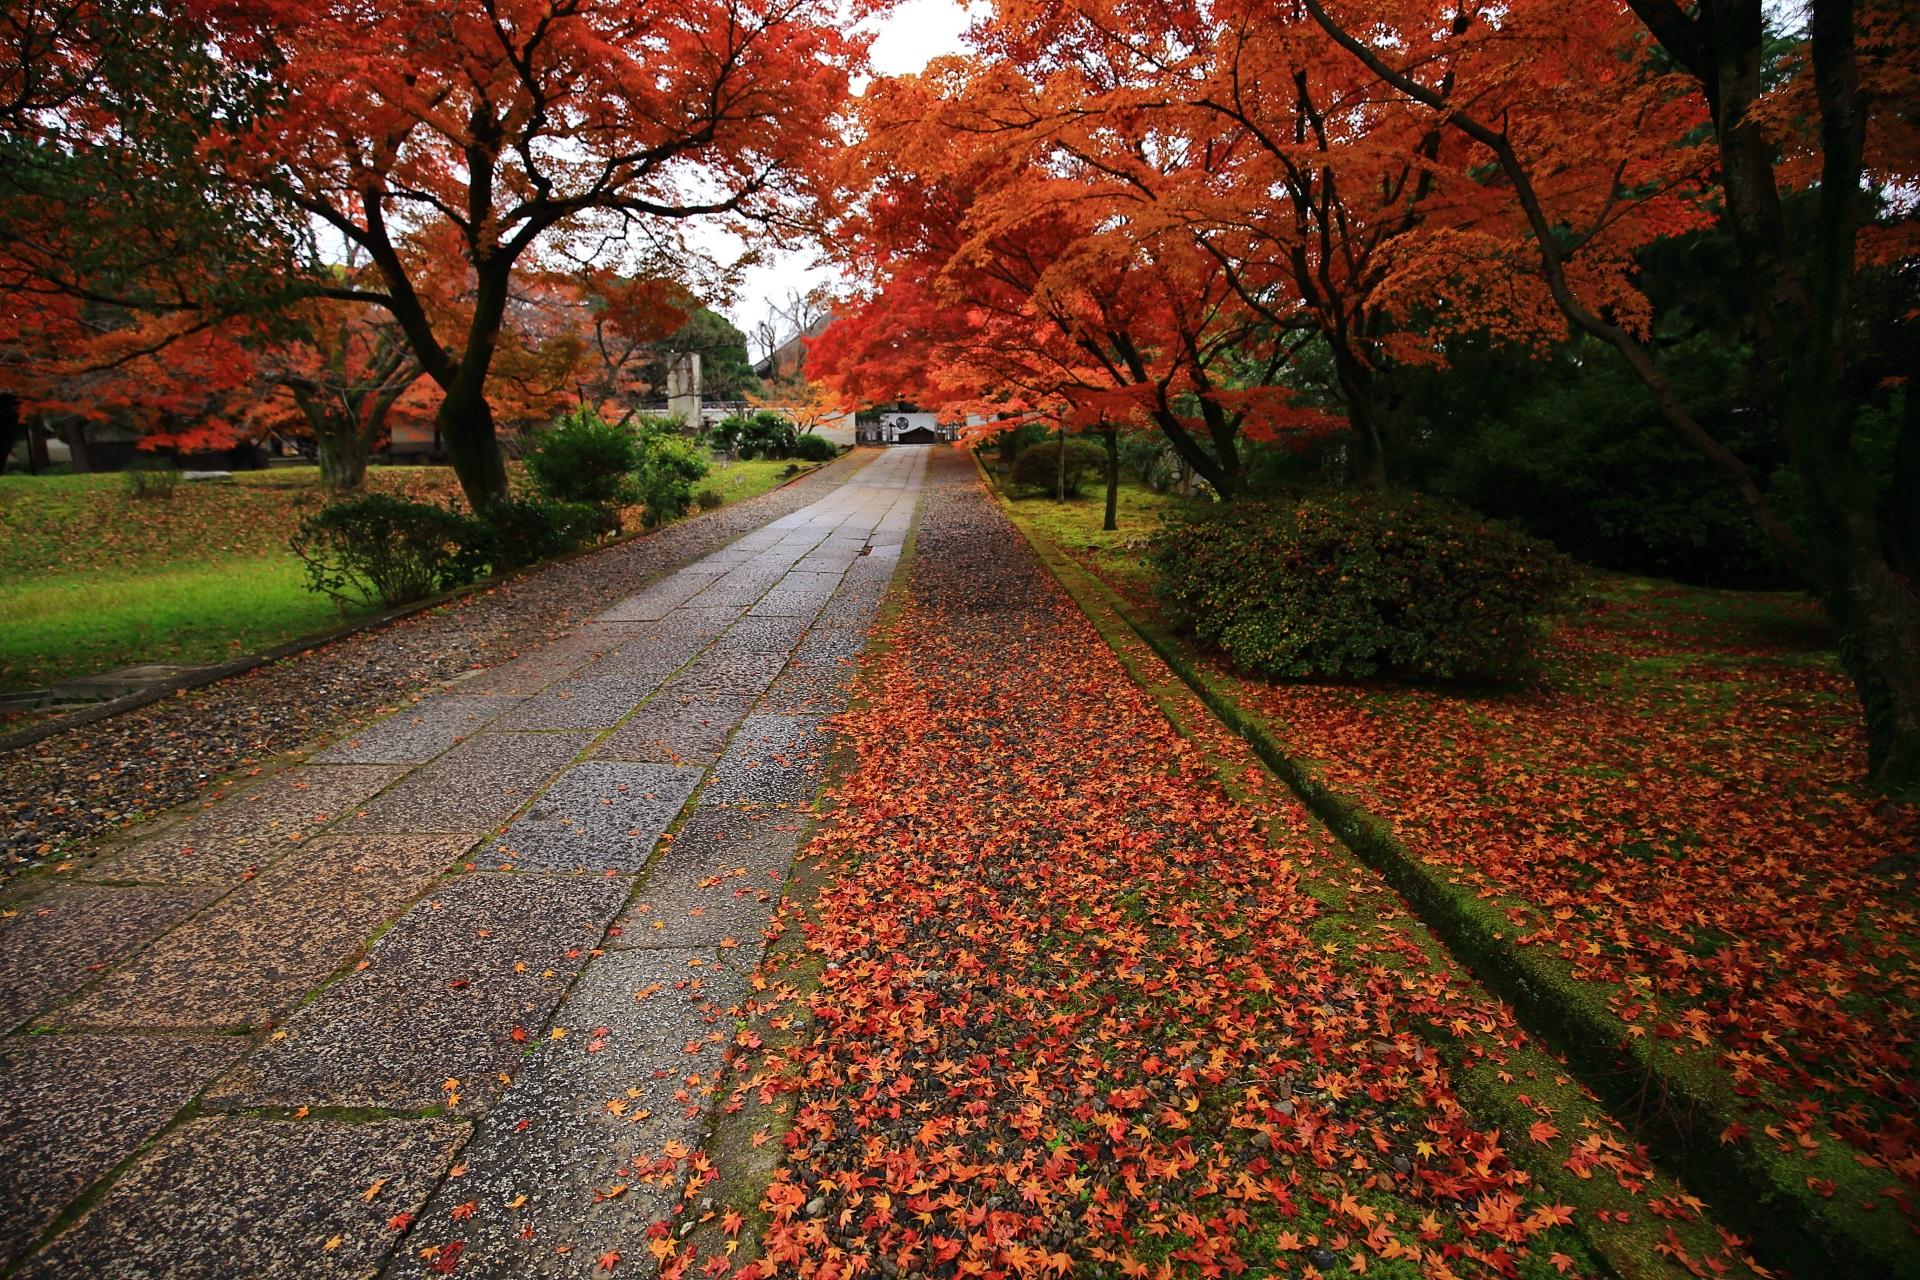 養源院の参道の下から眺めた玄関と散り紅葉